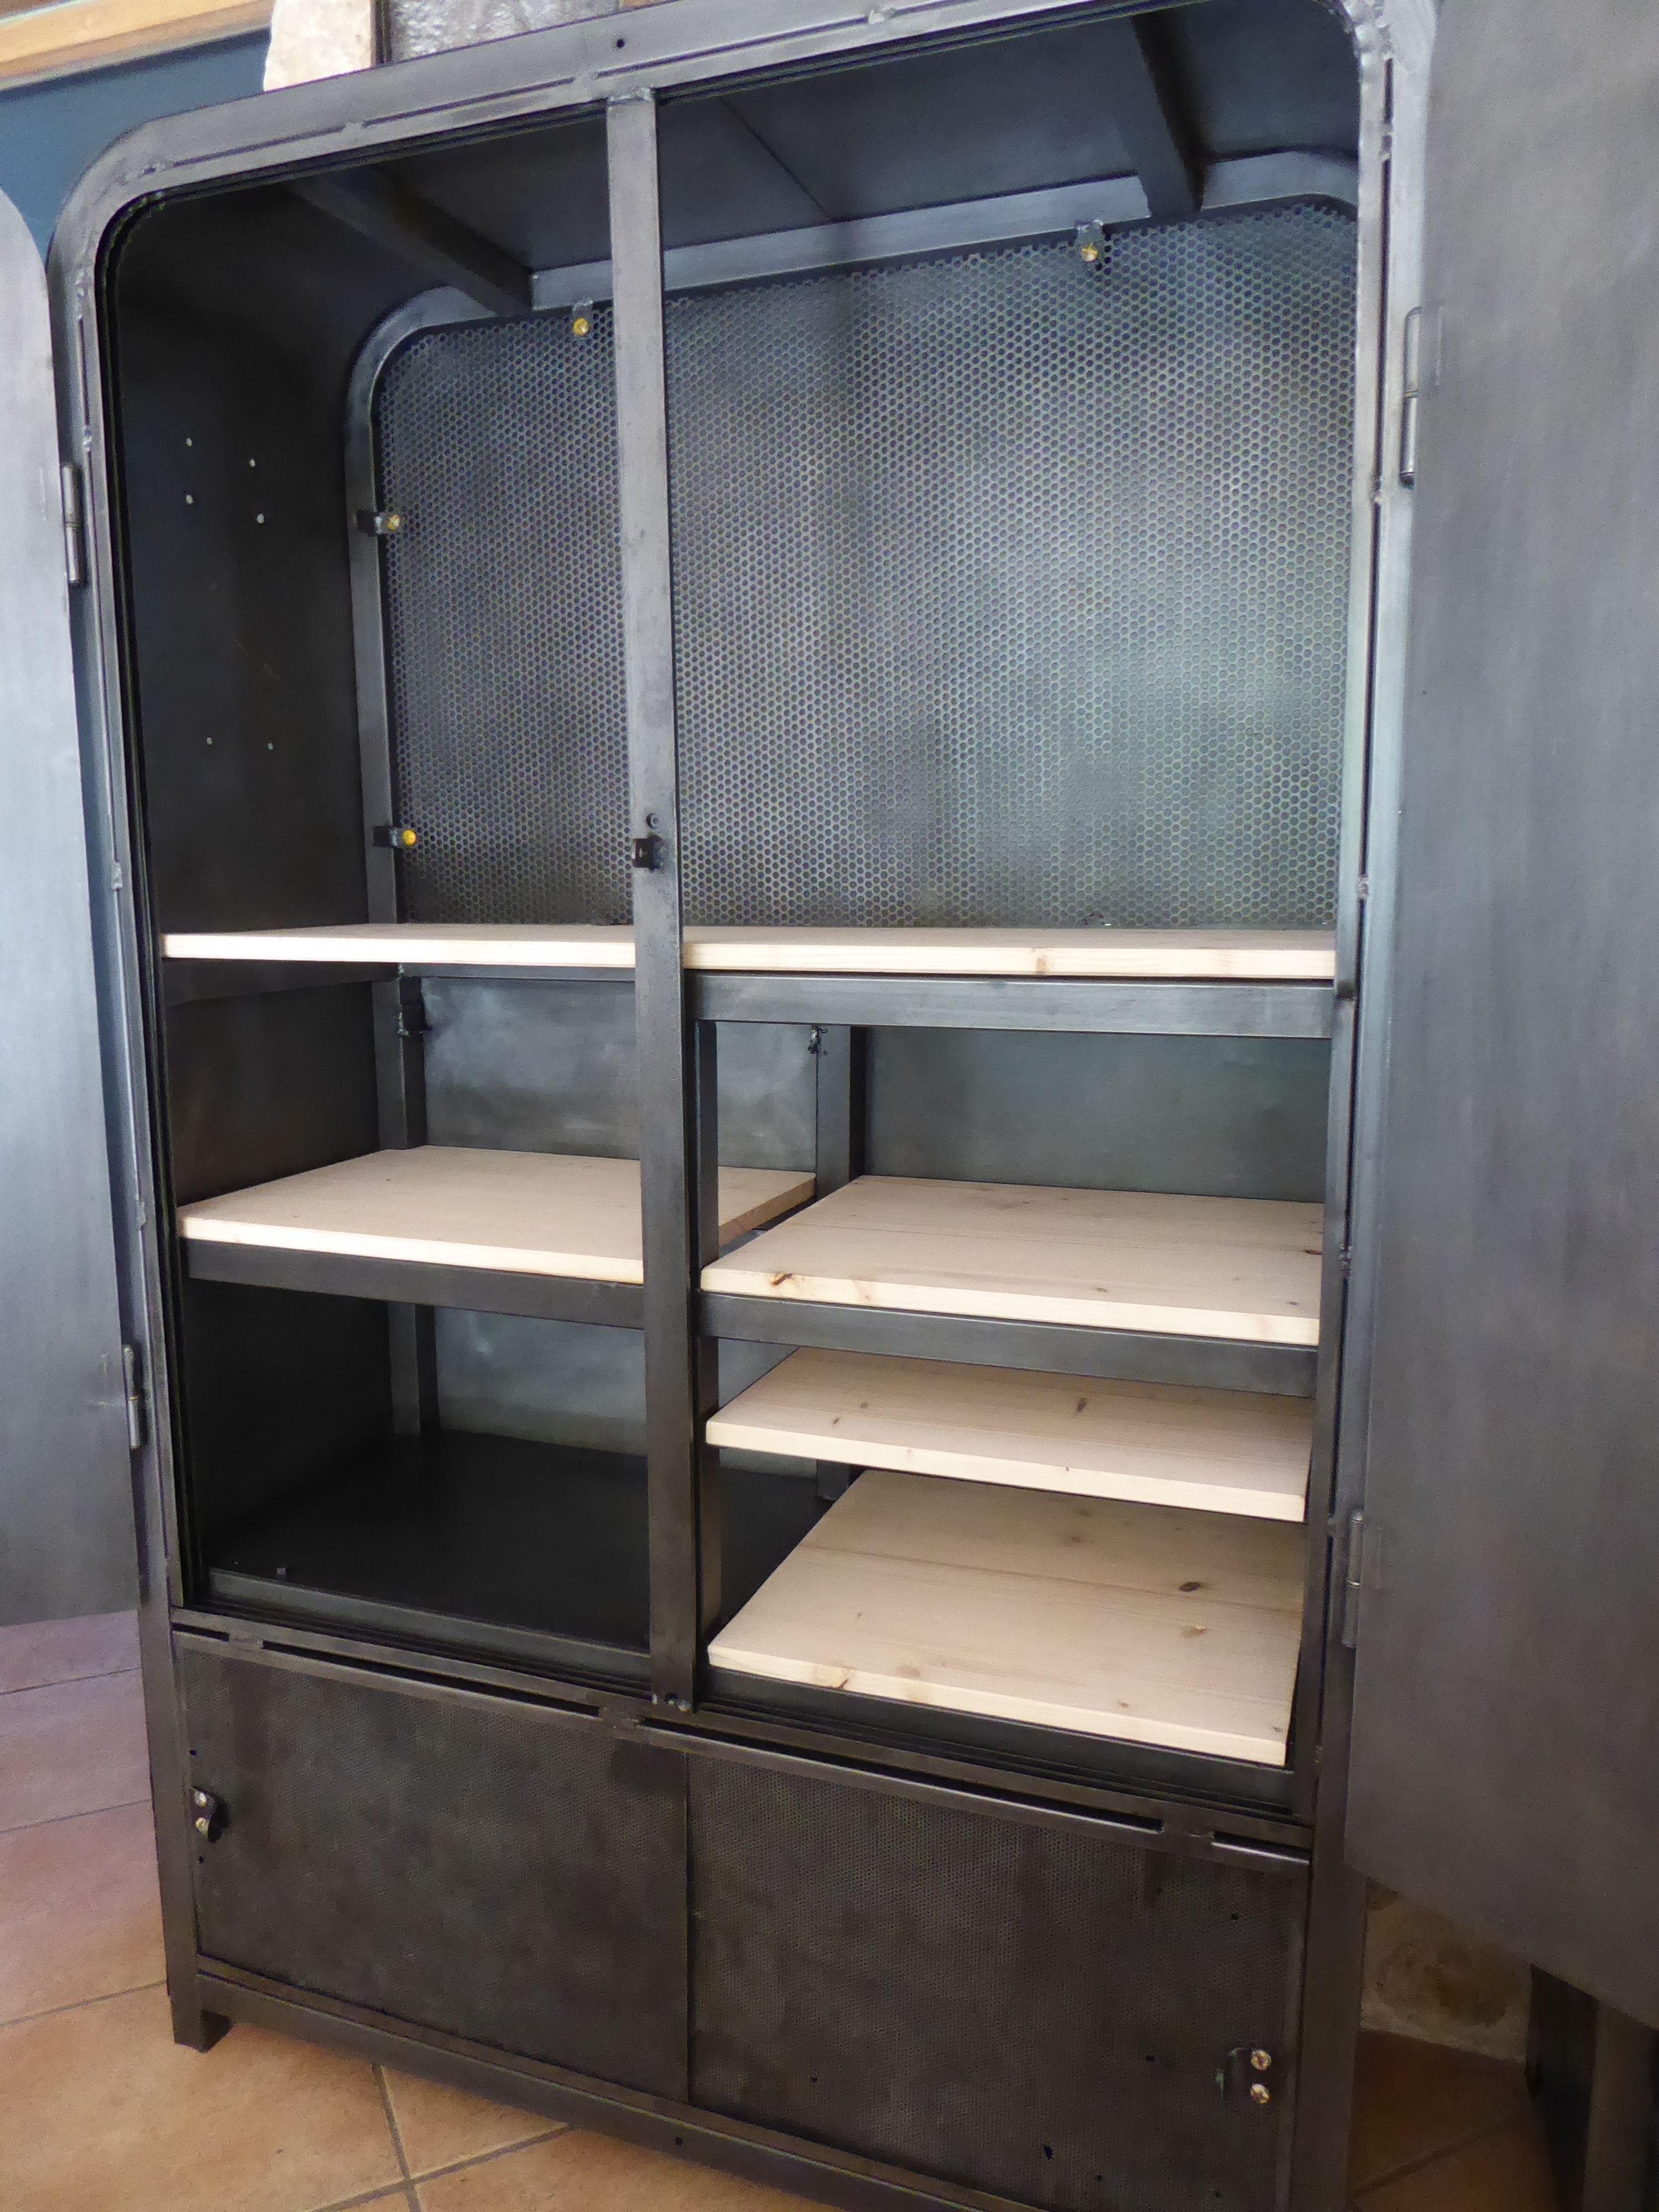 Küchenschränke in der garage armoire industrielle eureka en métal inspirationrecup vous